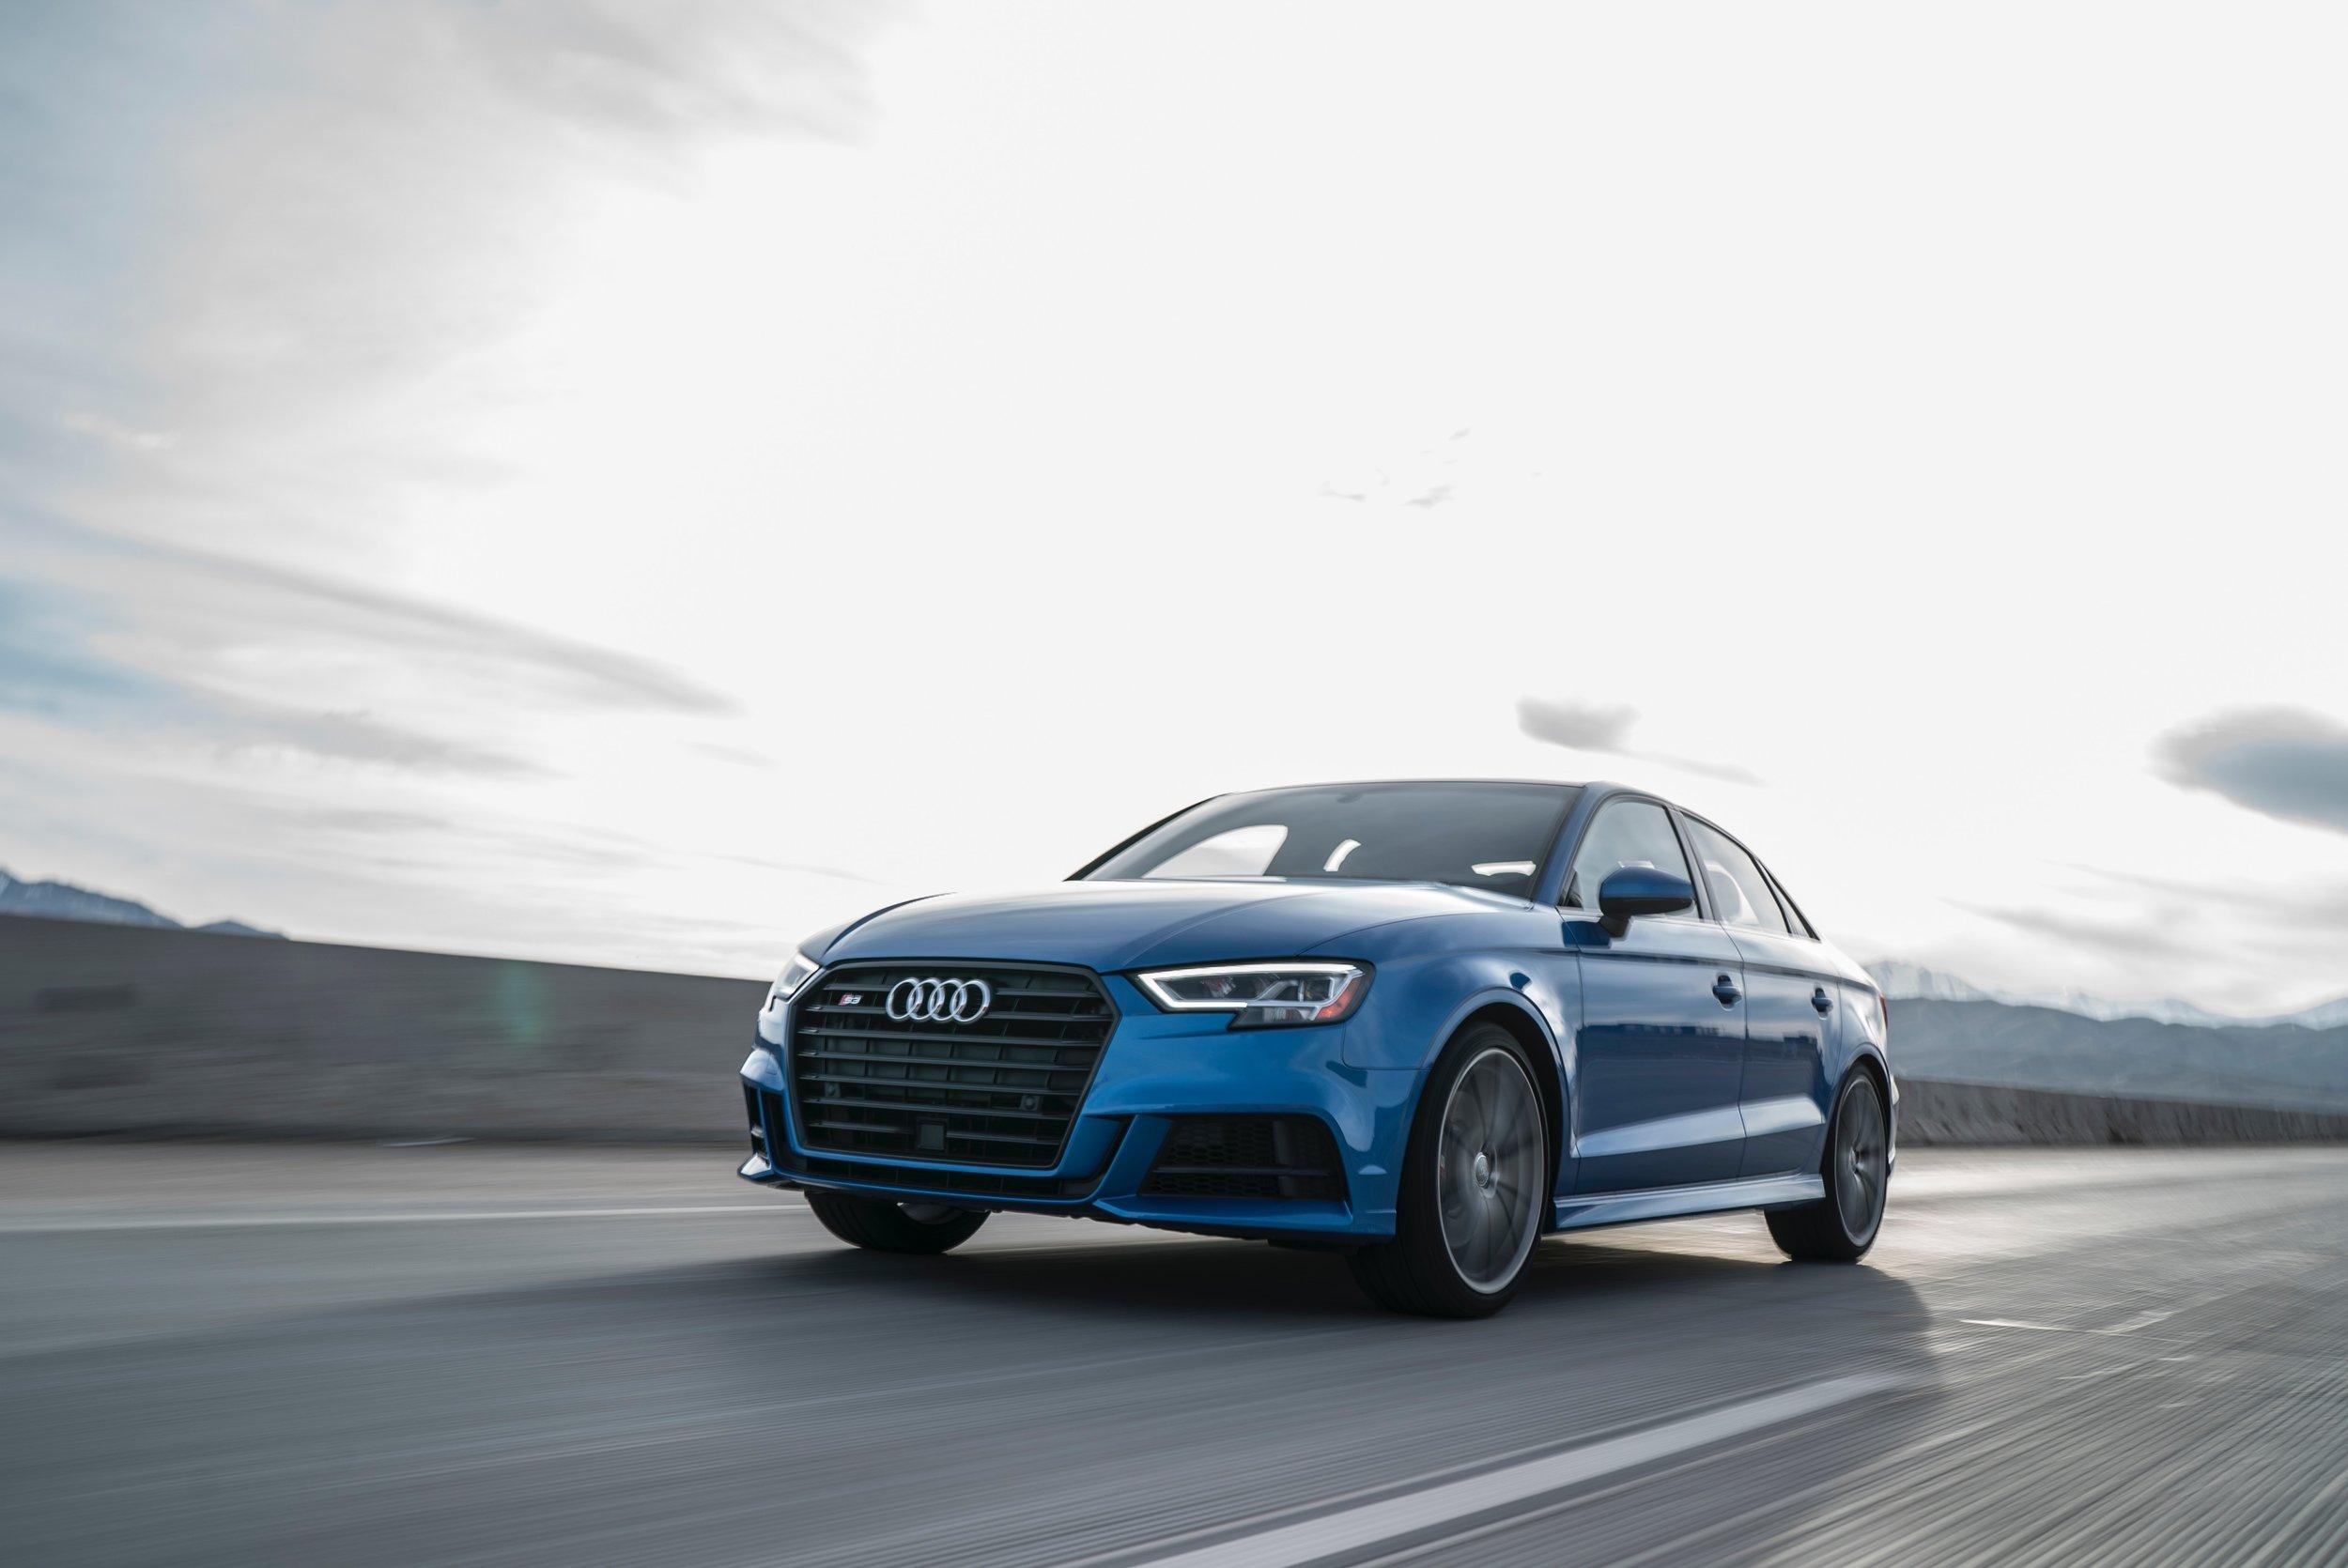 Audi Kioskuserexperiencedesign